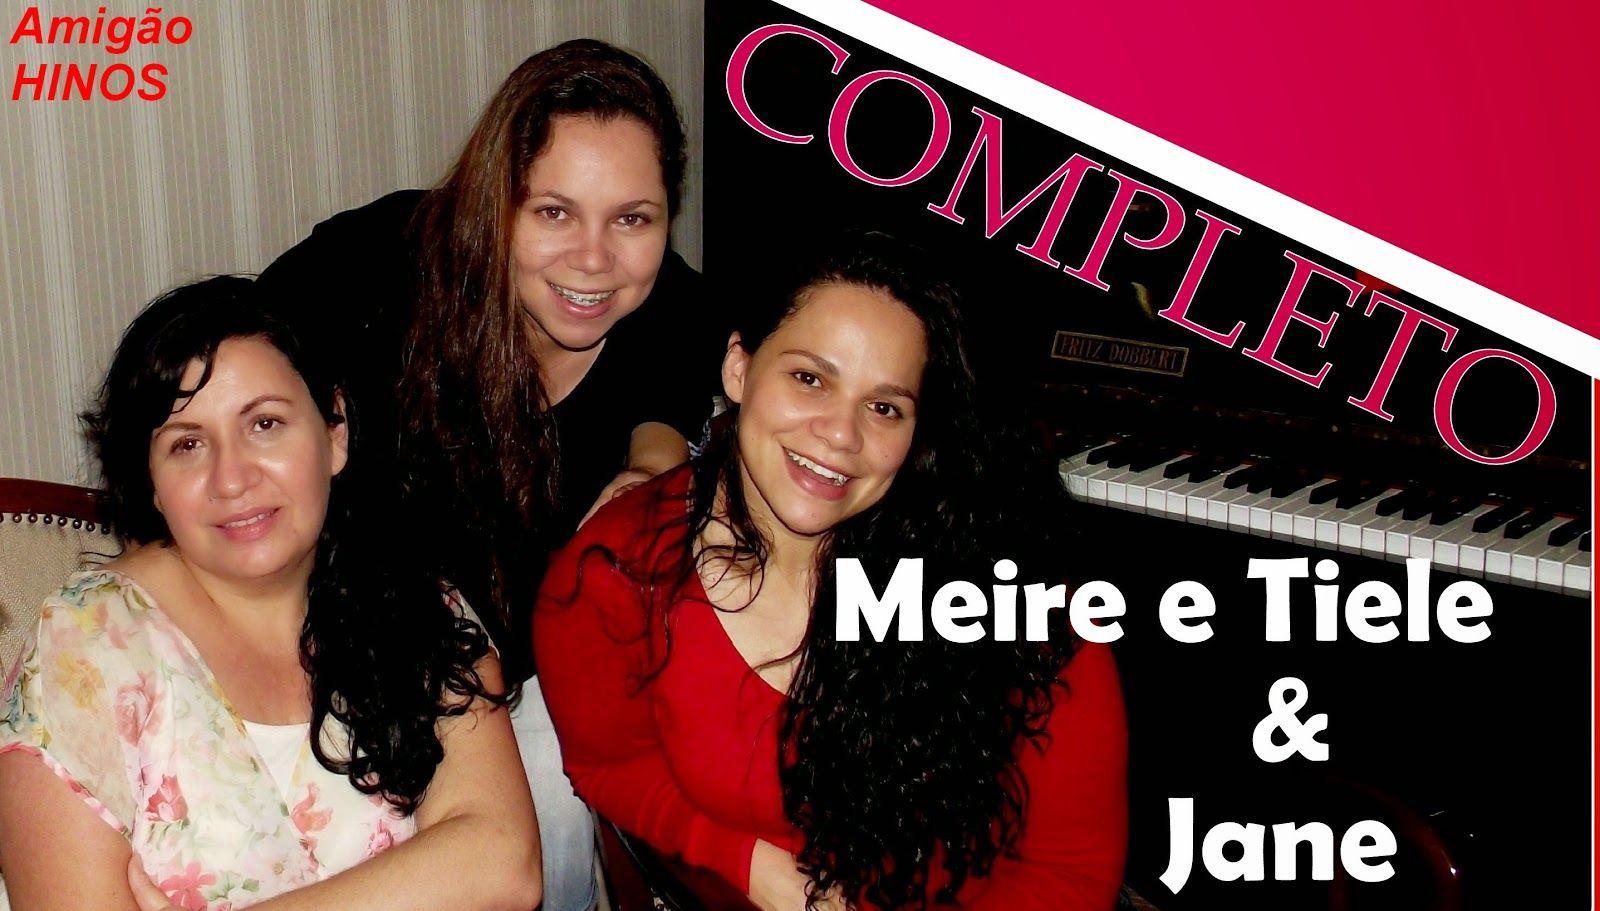 Amigao Hinos Ccb Hinario 5 Cantado Completo Meire Tiele E Jane